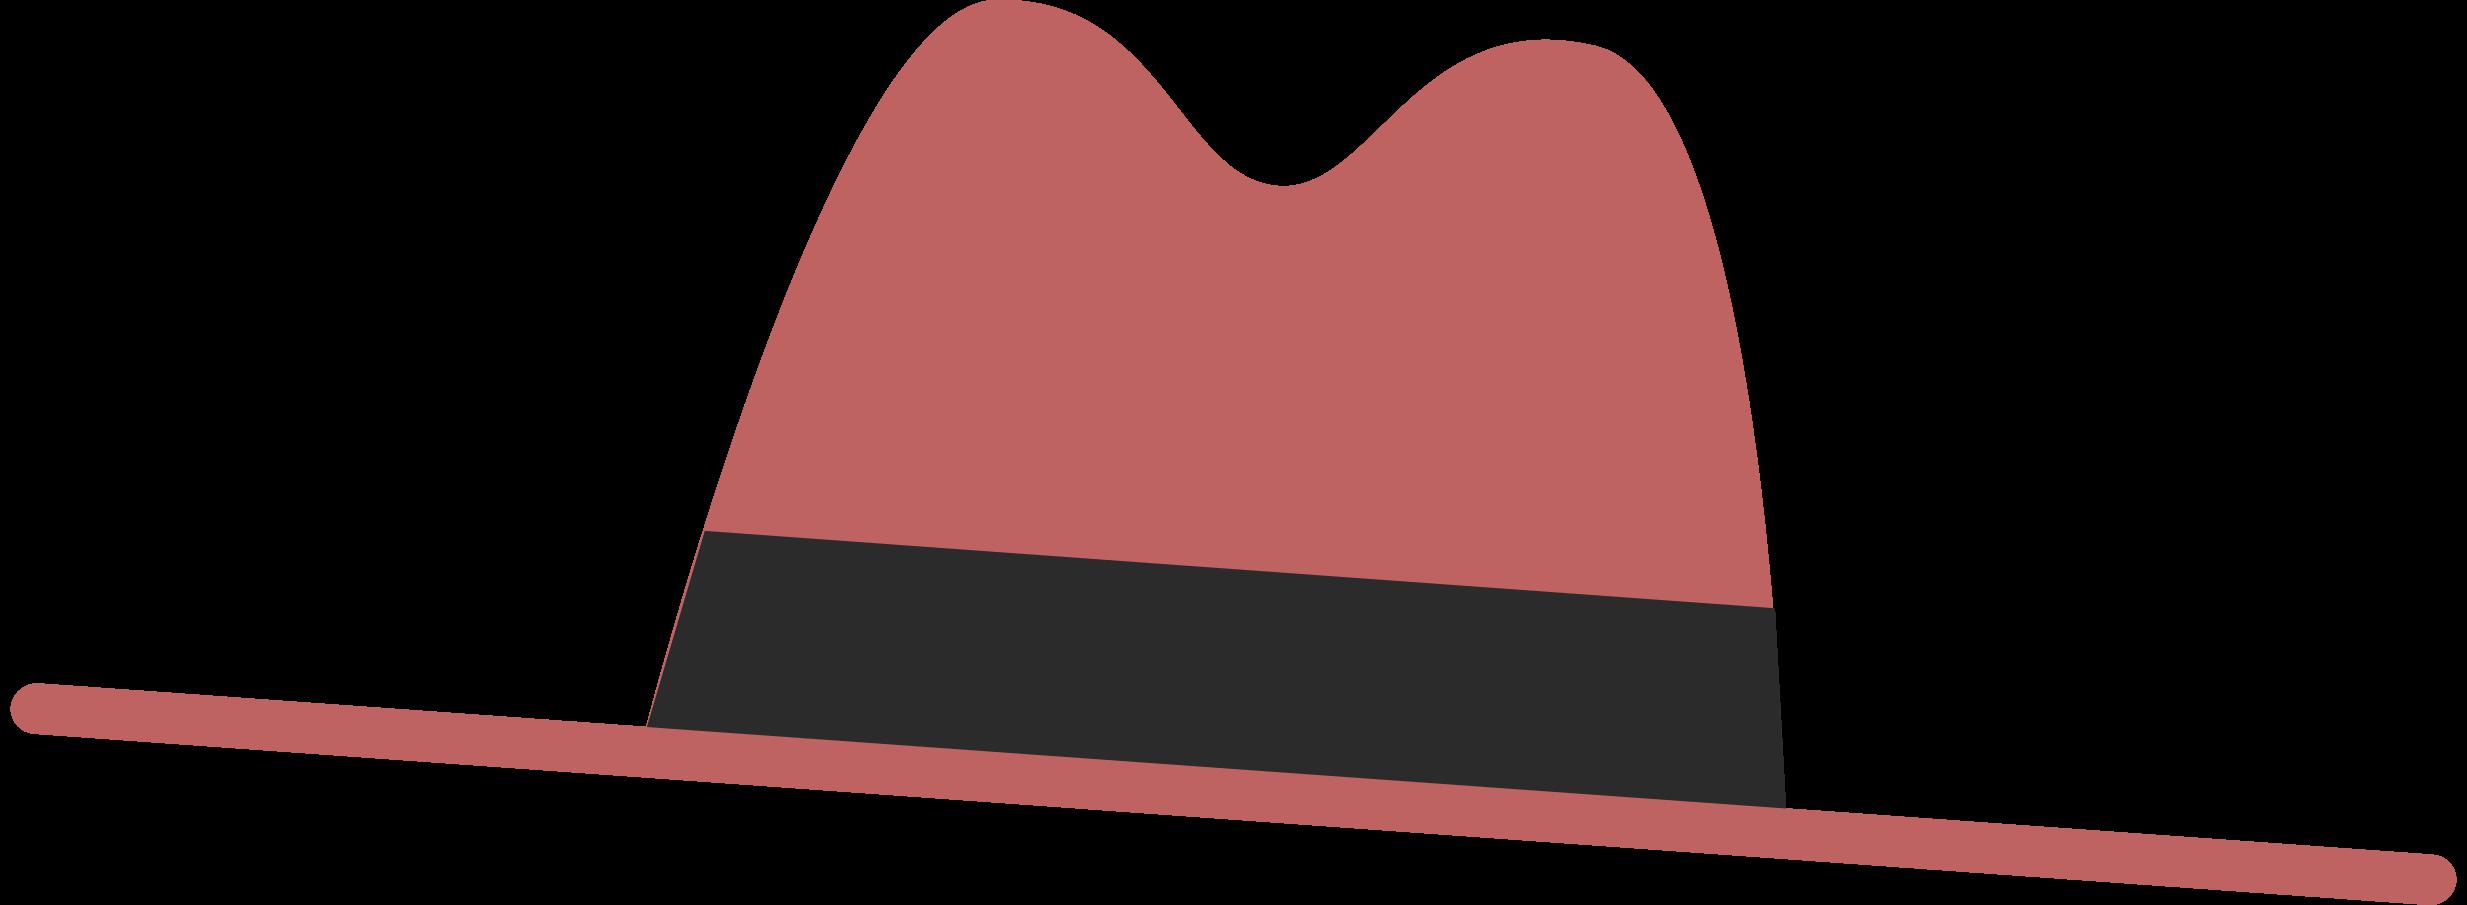 hat Clipart illustration in PNG, SVG